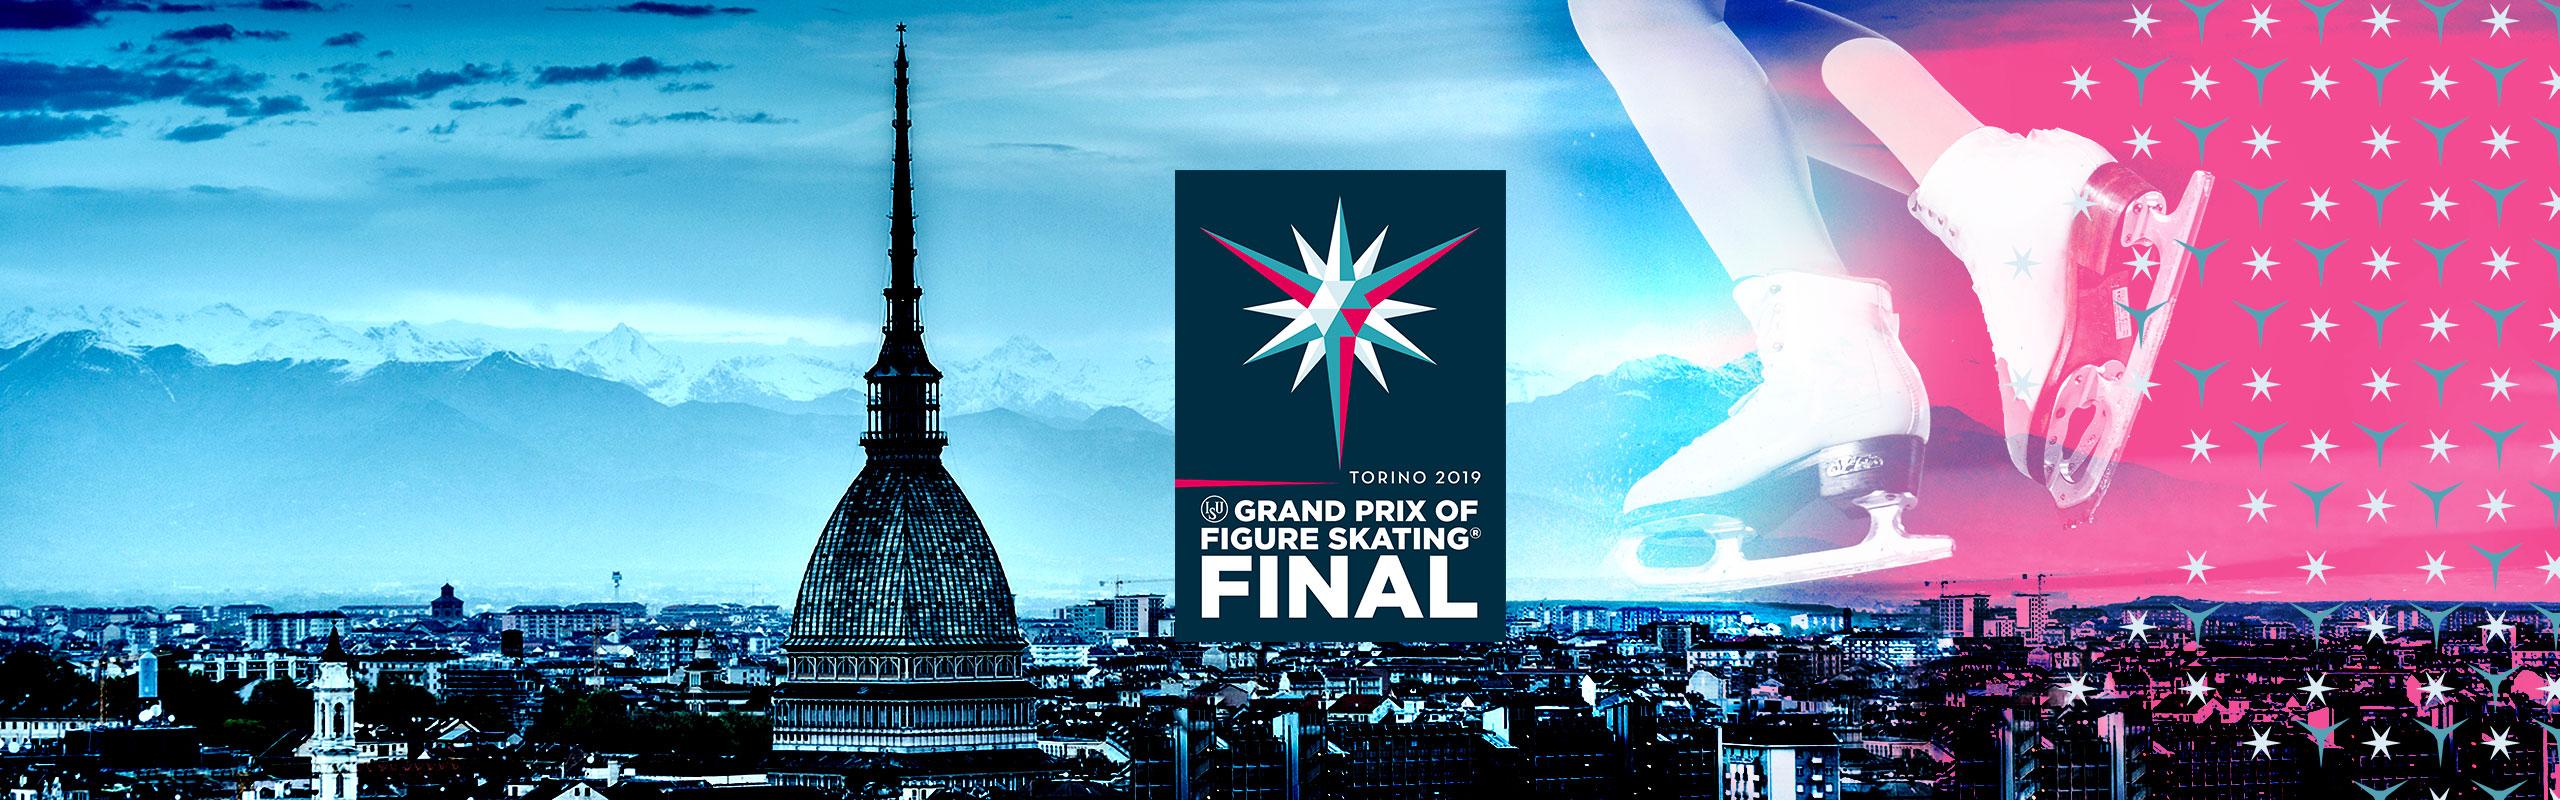 Pattinaggio artistico, ISU Junior Grand Prix 2019: chi si è qualificato per la Finale di Torino